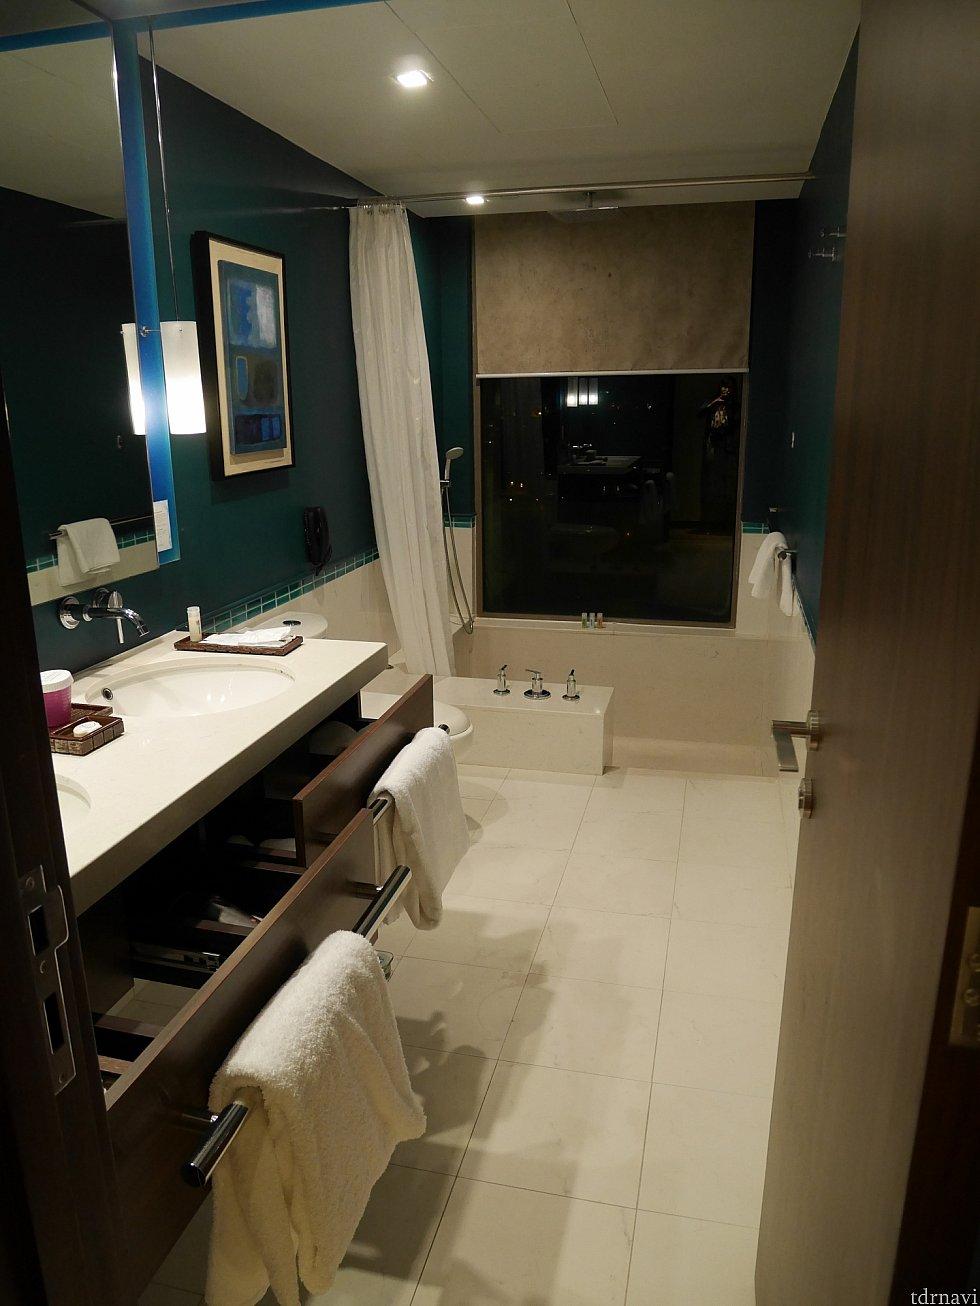 洗面所。シャワーだけかと思いきや……